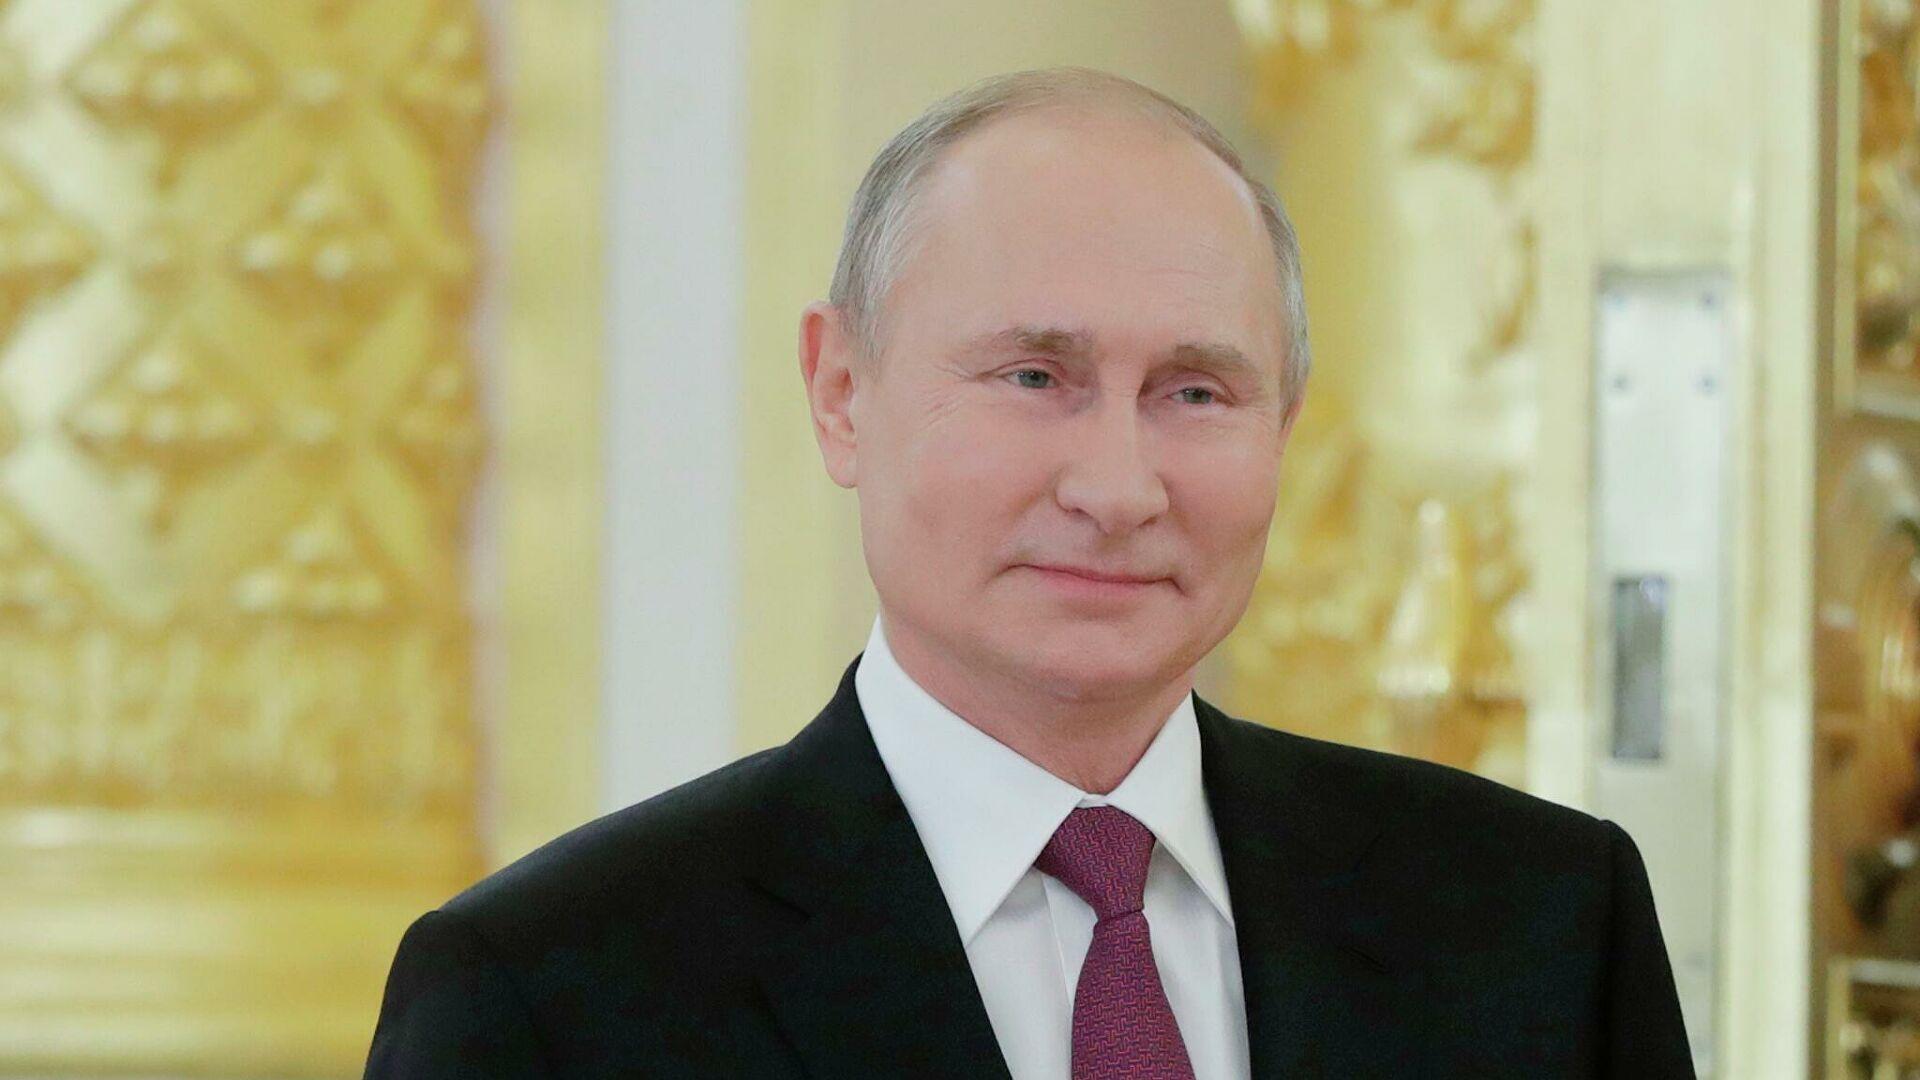 Путин: Неопходно тражити оптимална решења за стратешку безбедност у свету уз учешће свих земаља